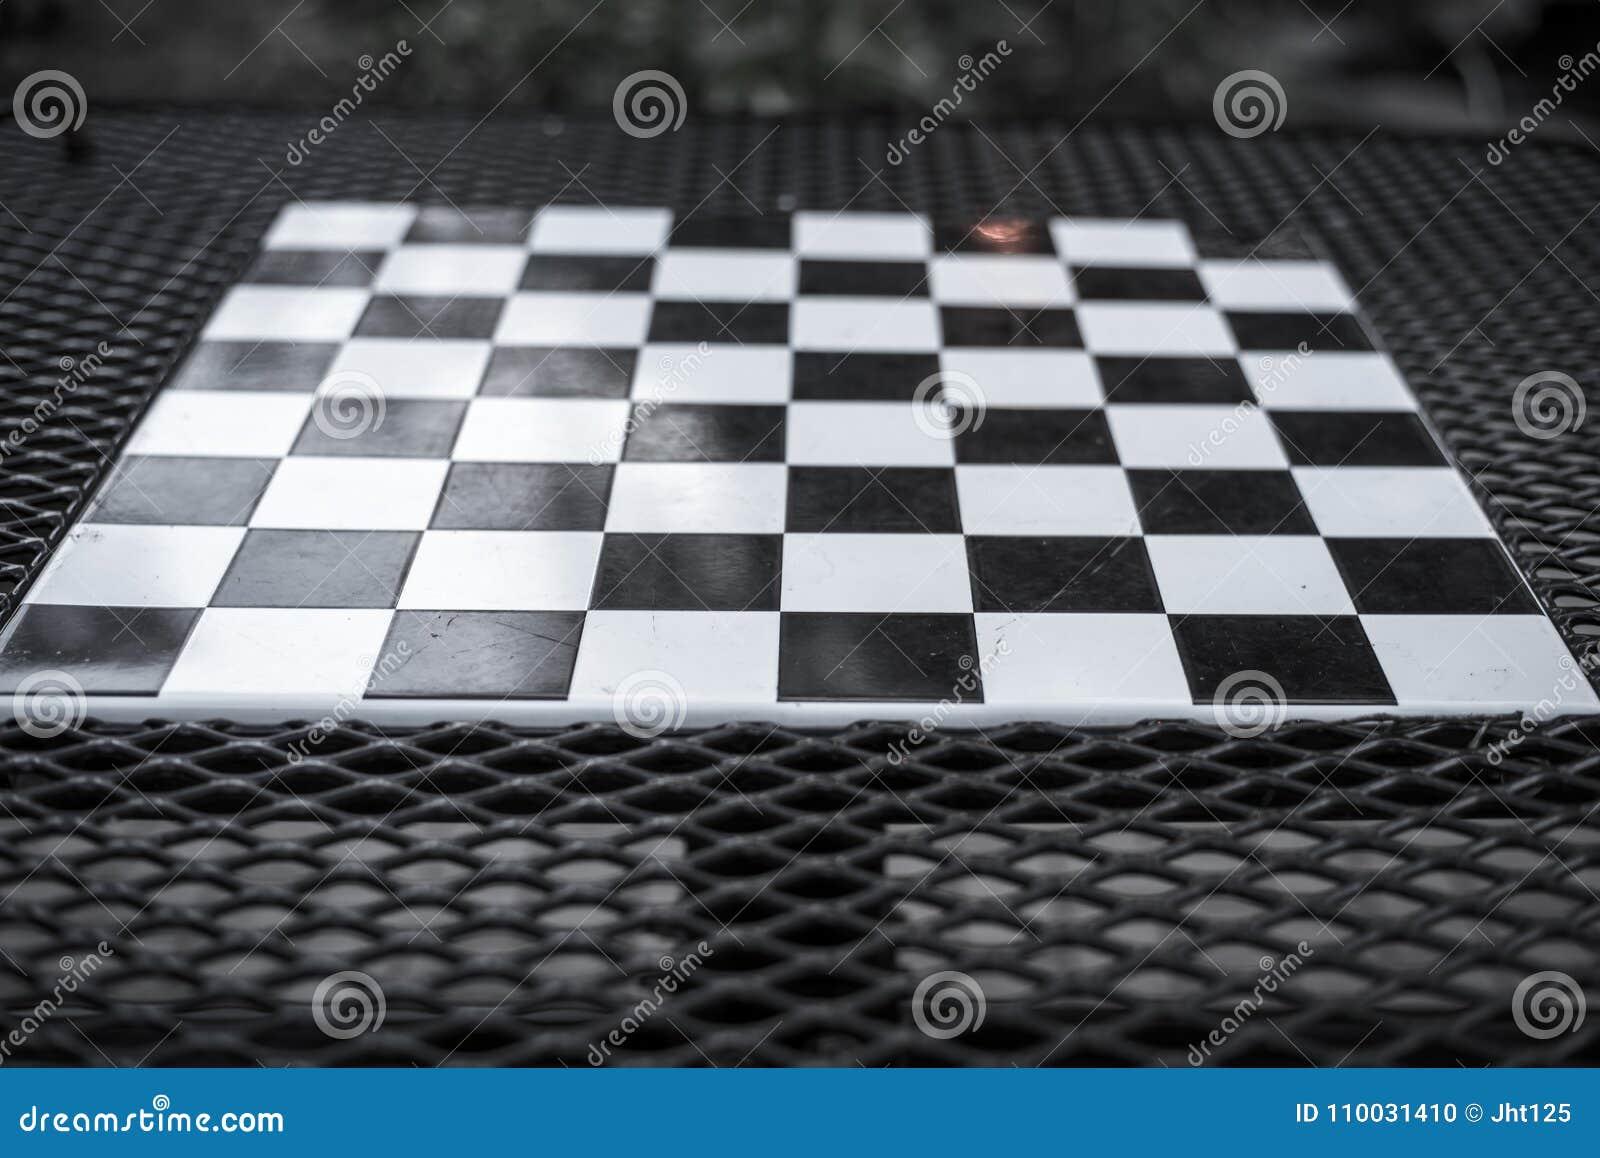 De controleurs schepen in zwart-wit in